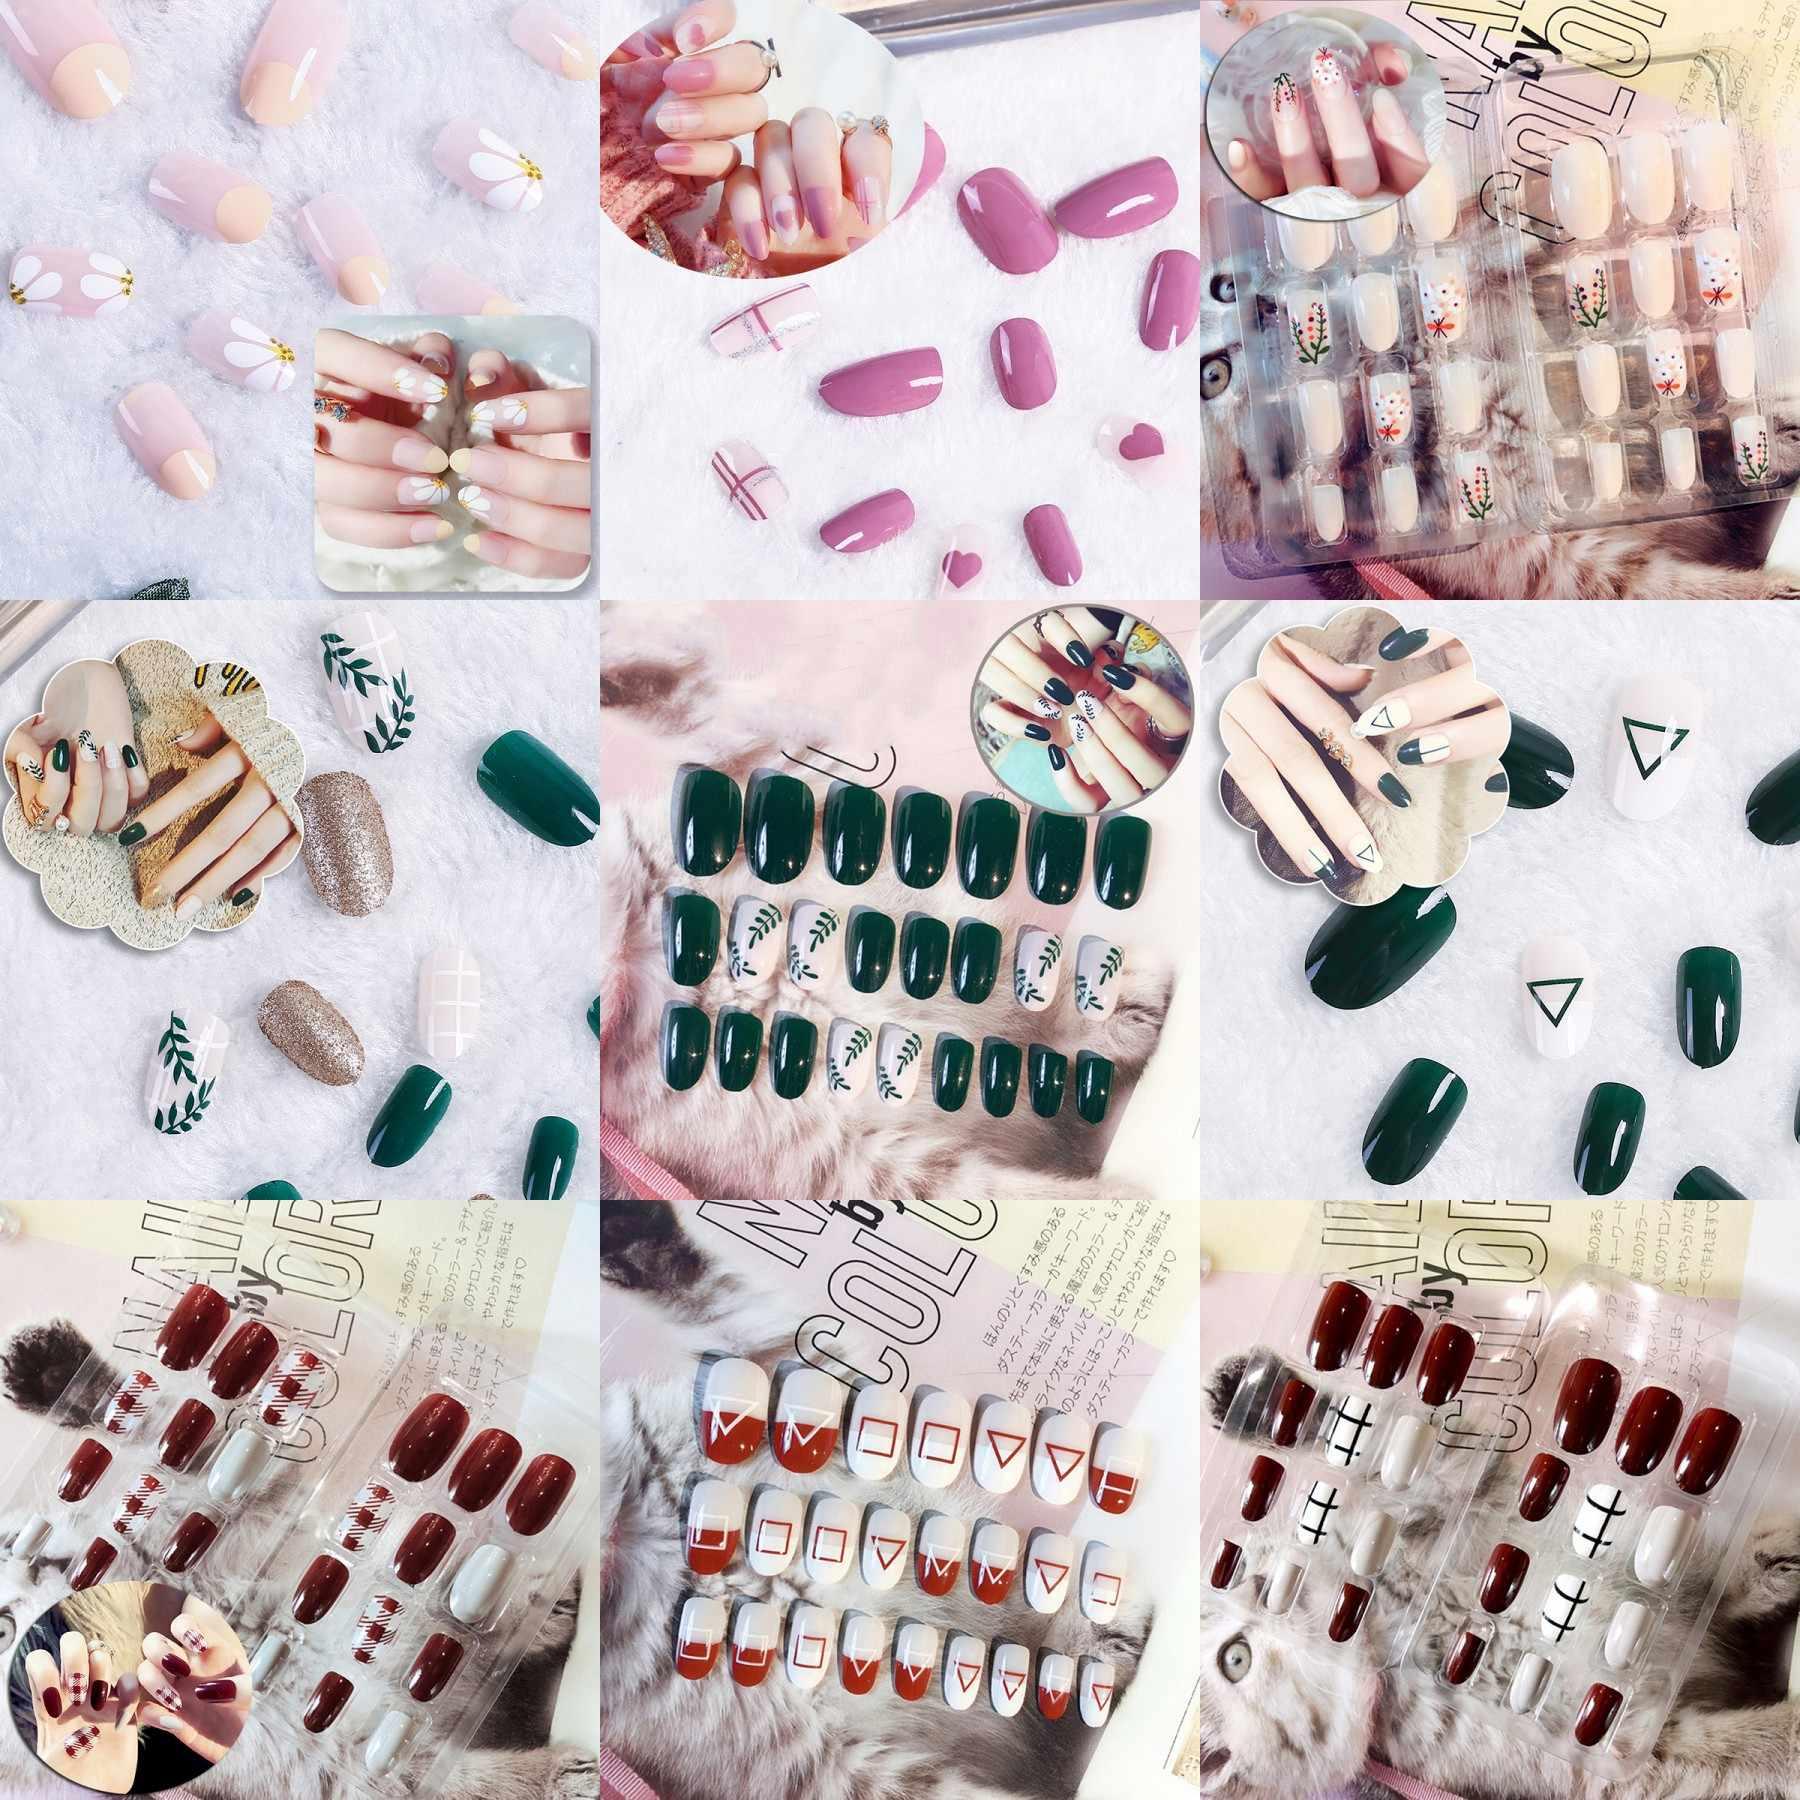 24 pièces faux ongles conseils artificiels faux conseils couverture complète presse courte sur ongles Art vernis ongles Patchwork avec ensemble d'autocollants